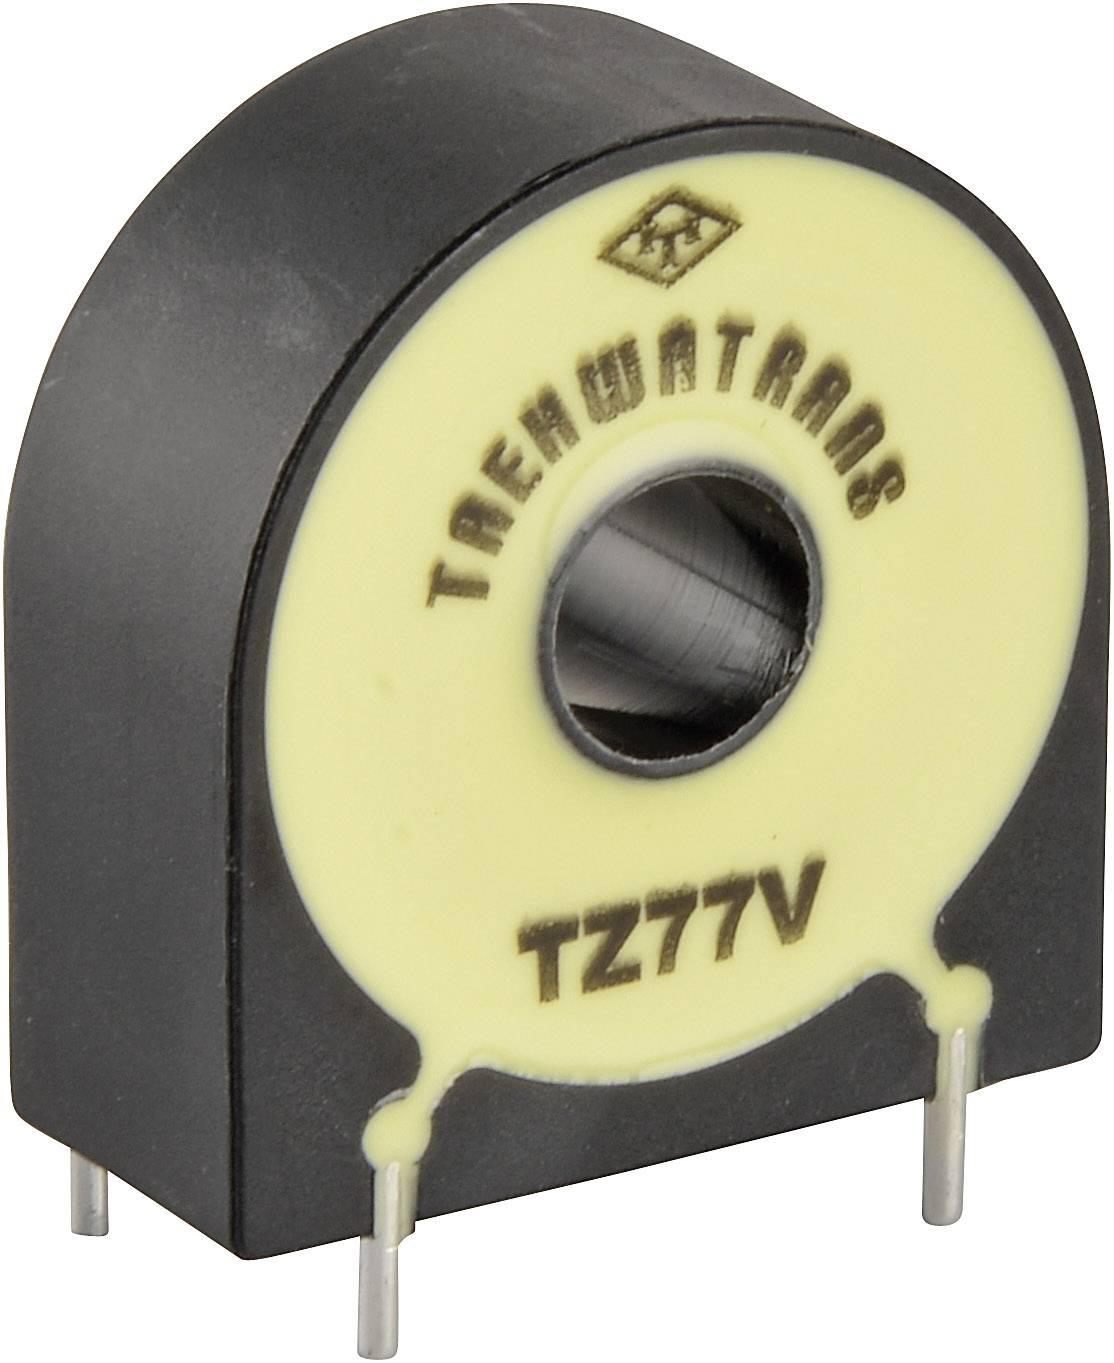 Prúdový transformátor TZ 77, 602 Ohm, 1 ks